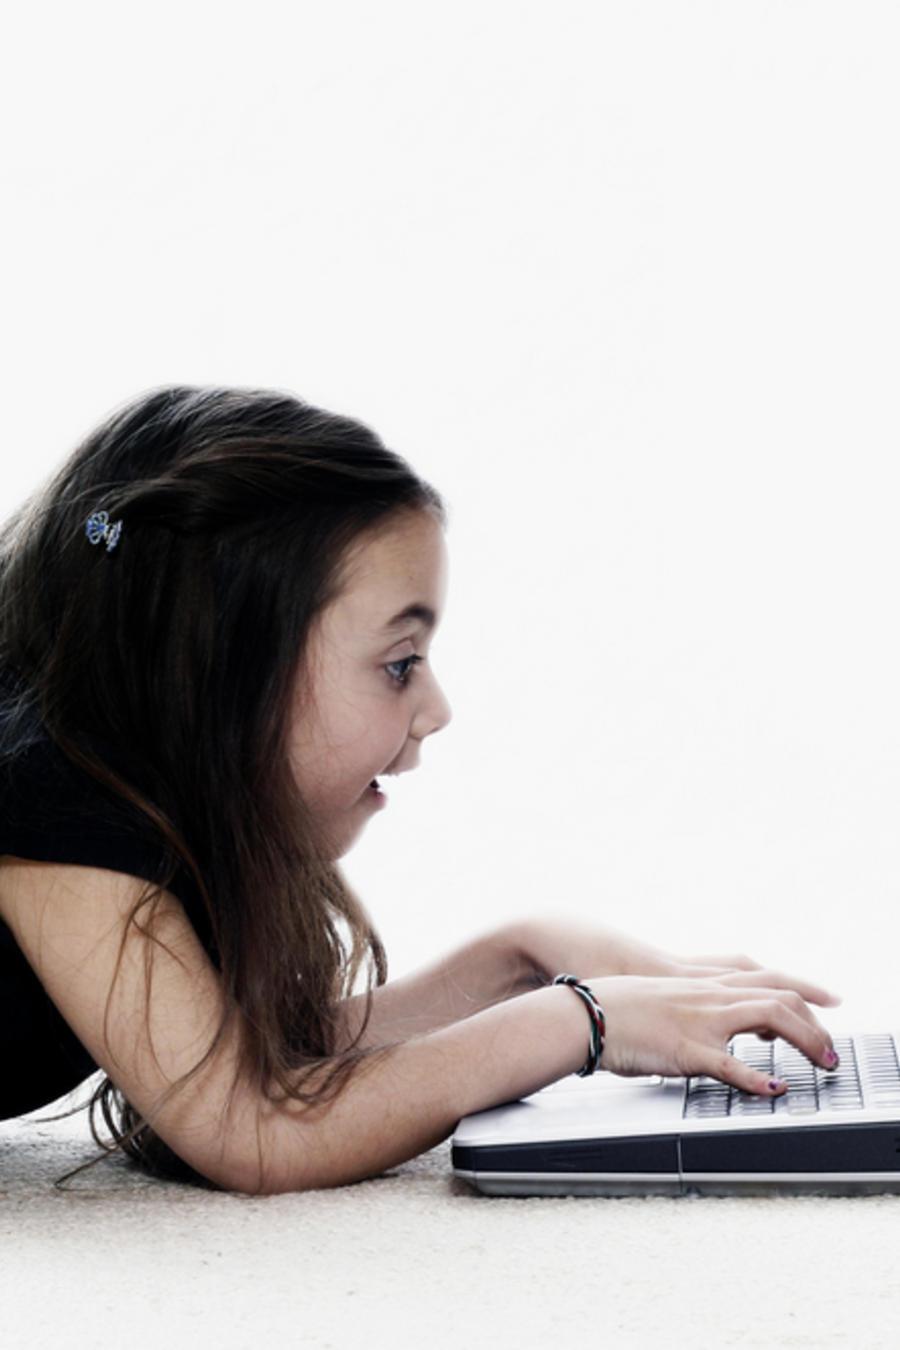 Niña acostada frente a un computador portátil